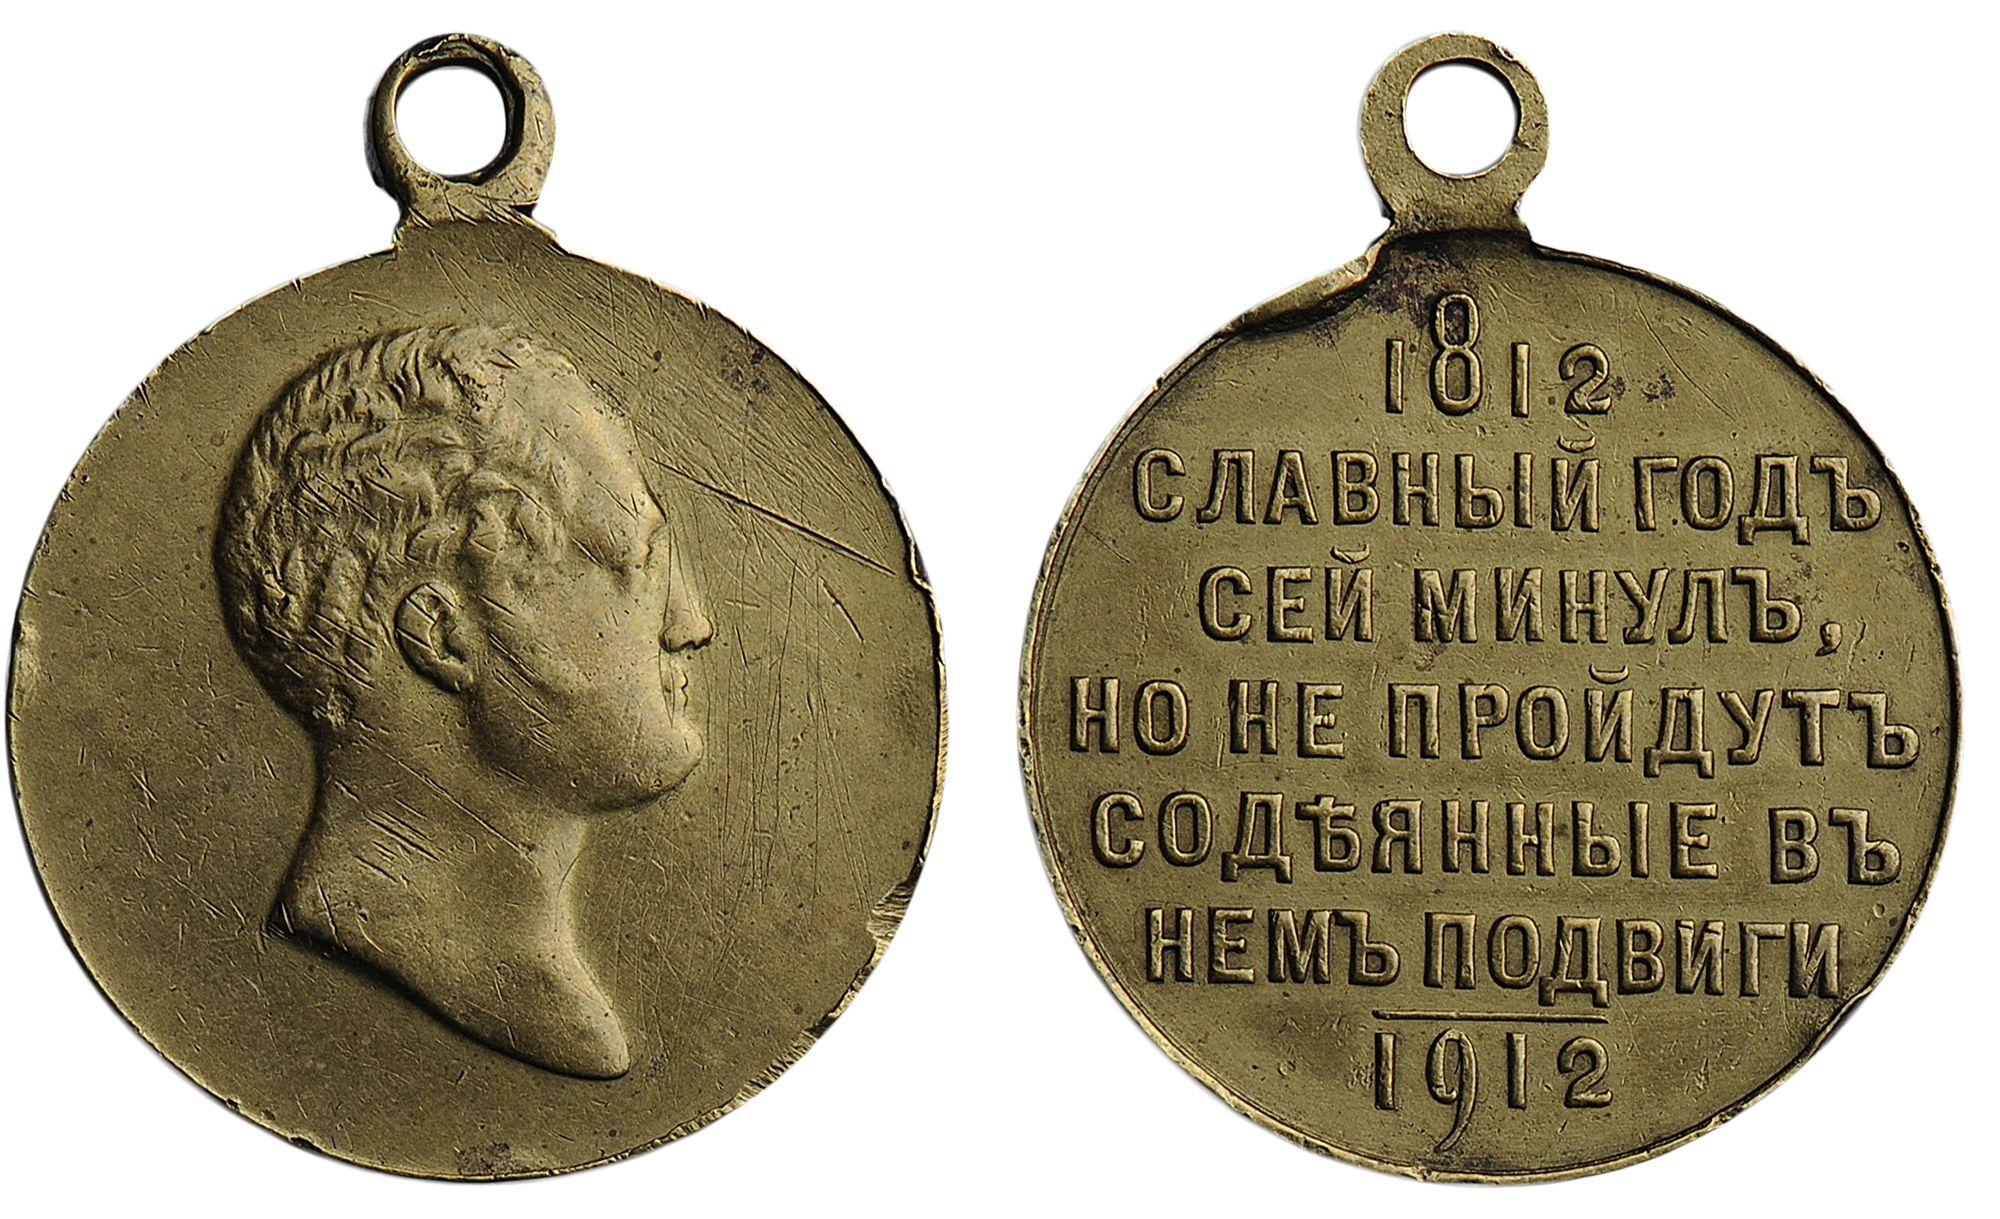 Наградная медаль «В память 100-летия Отечественной войны 1812 г.»